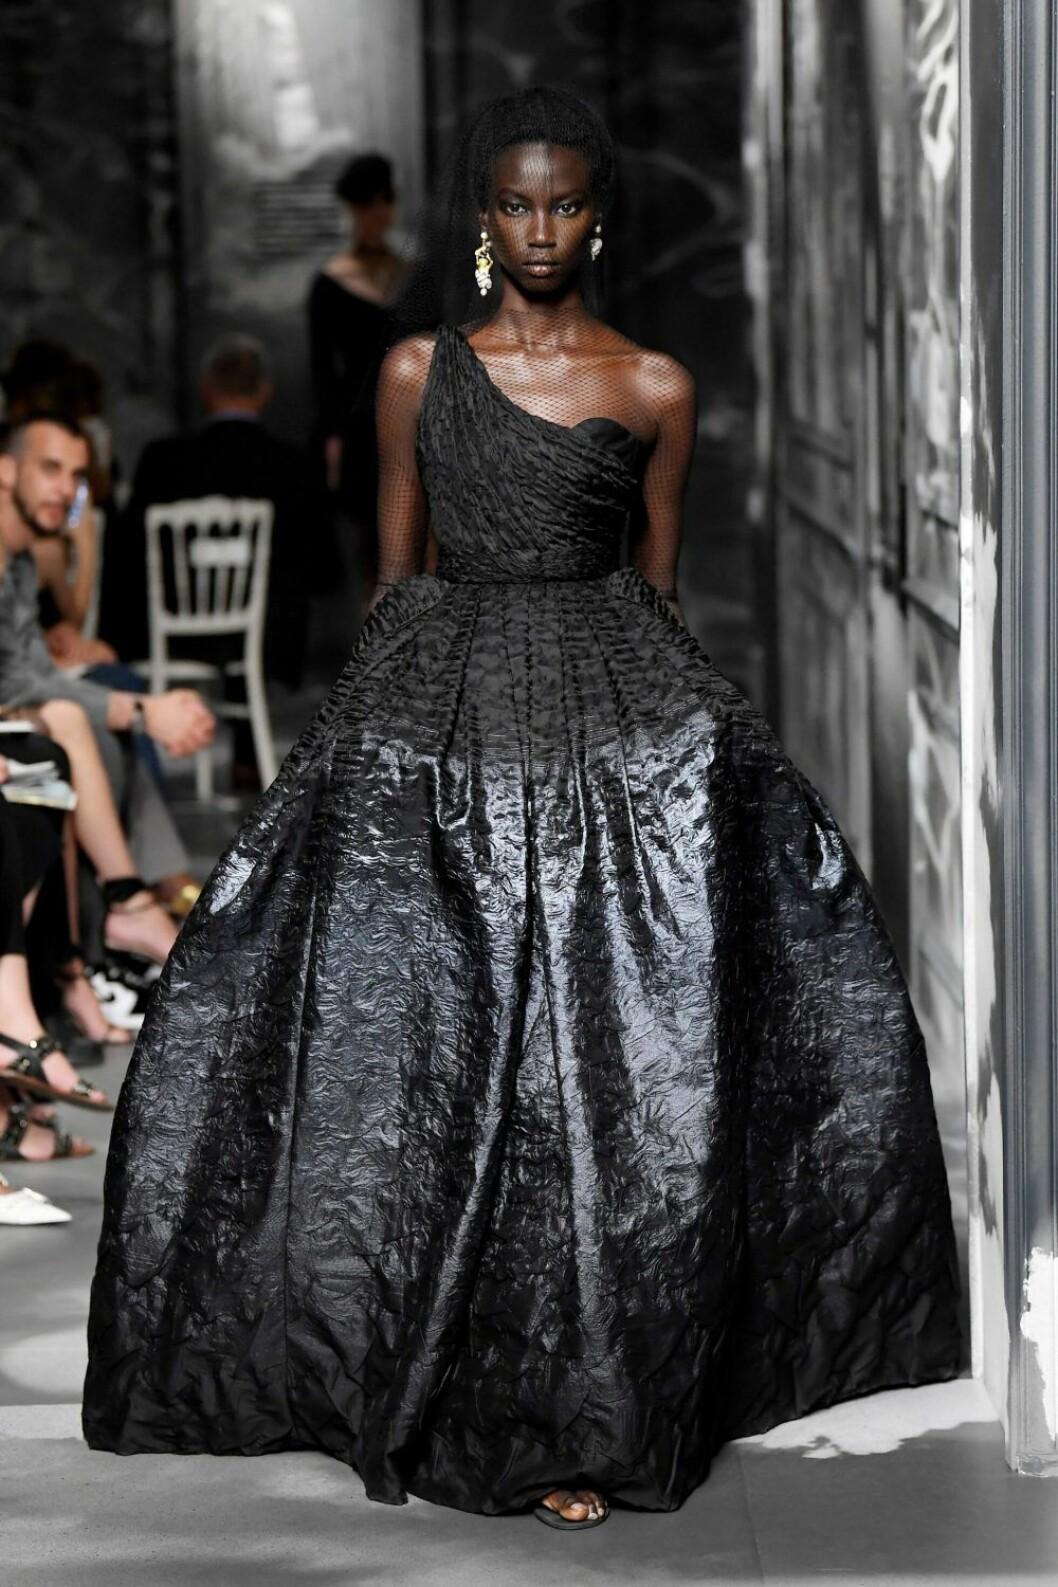 Christian Dior AW19/20, svart voluminös klänning med one-shoulder.